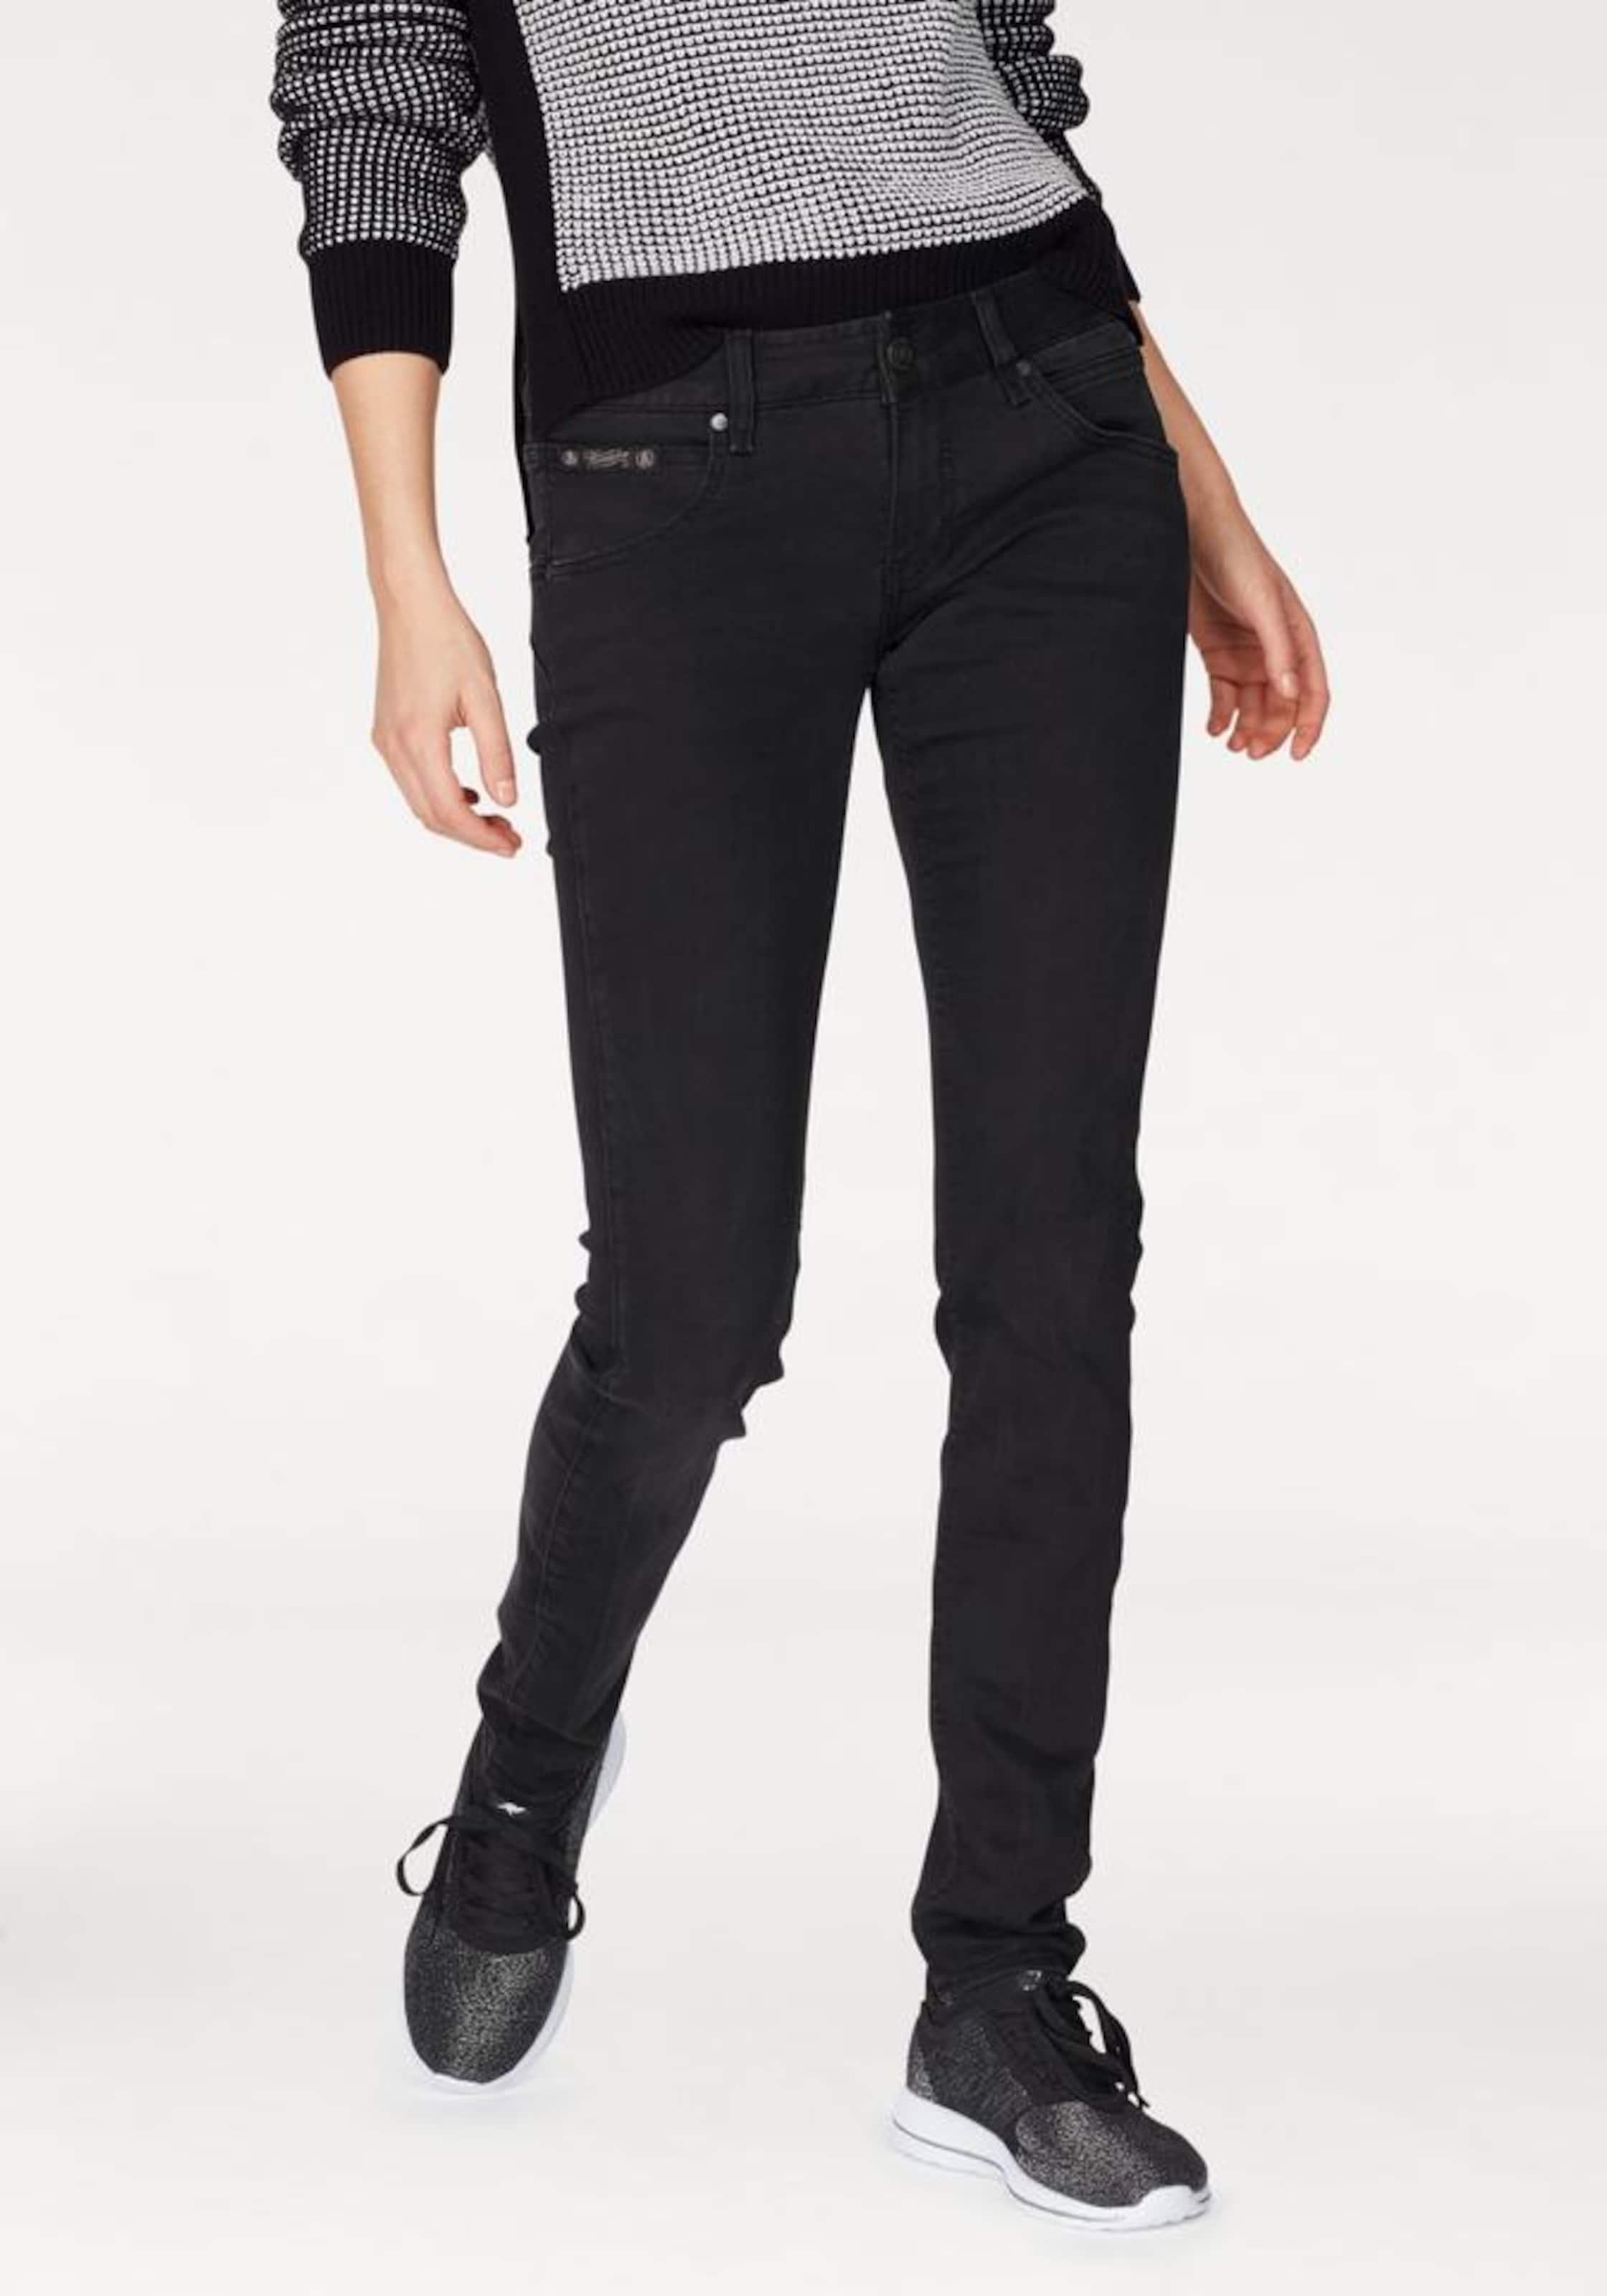 Jeans Herrlicher In Black Denim 'touch' kPZiuX